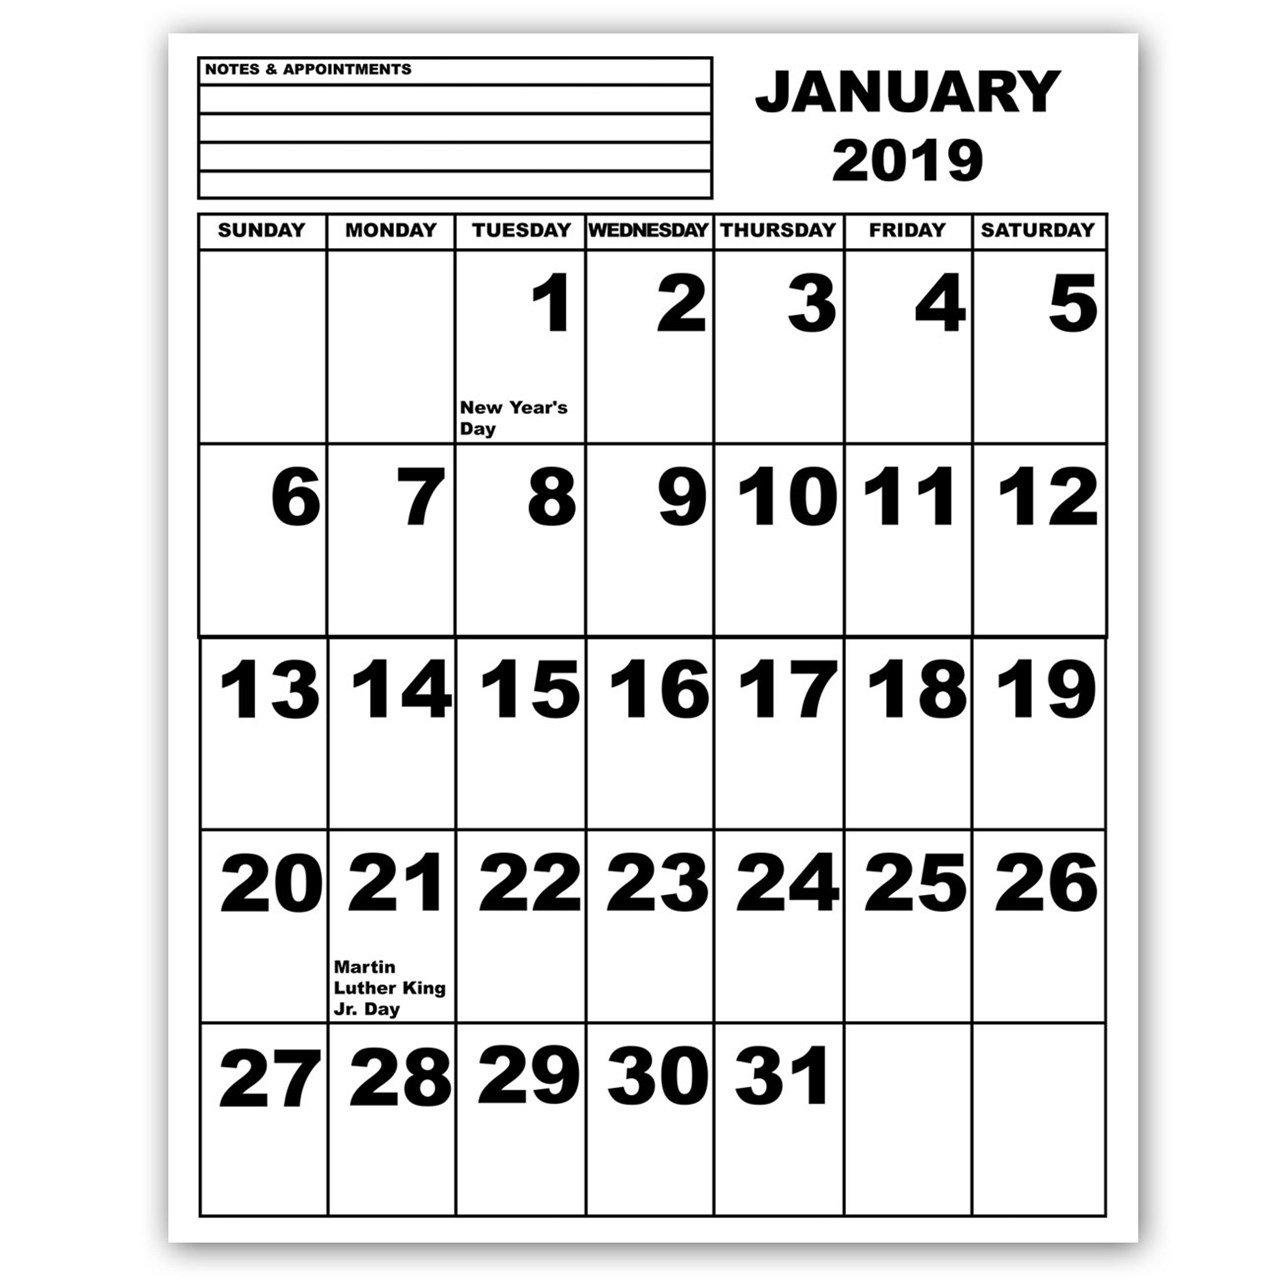 Maxiaids | Jumbo Print Calendar - 2019 Calendar 2019 Large Printable